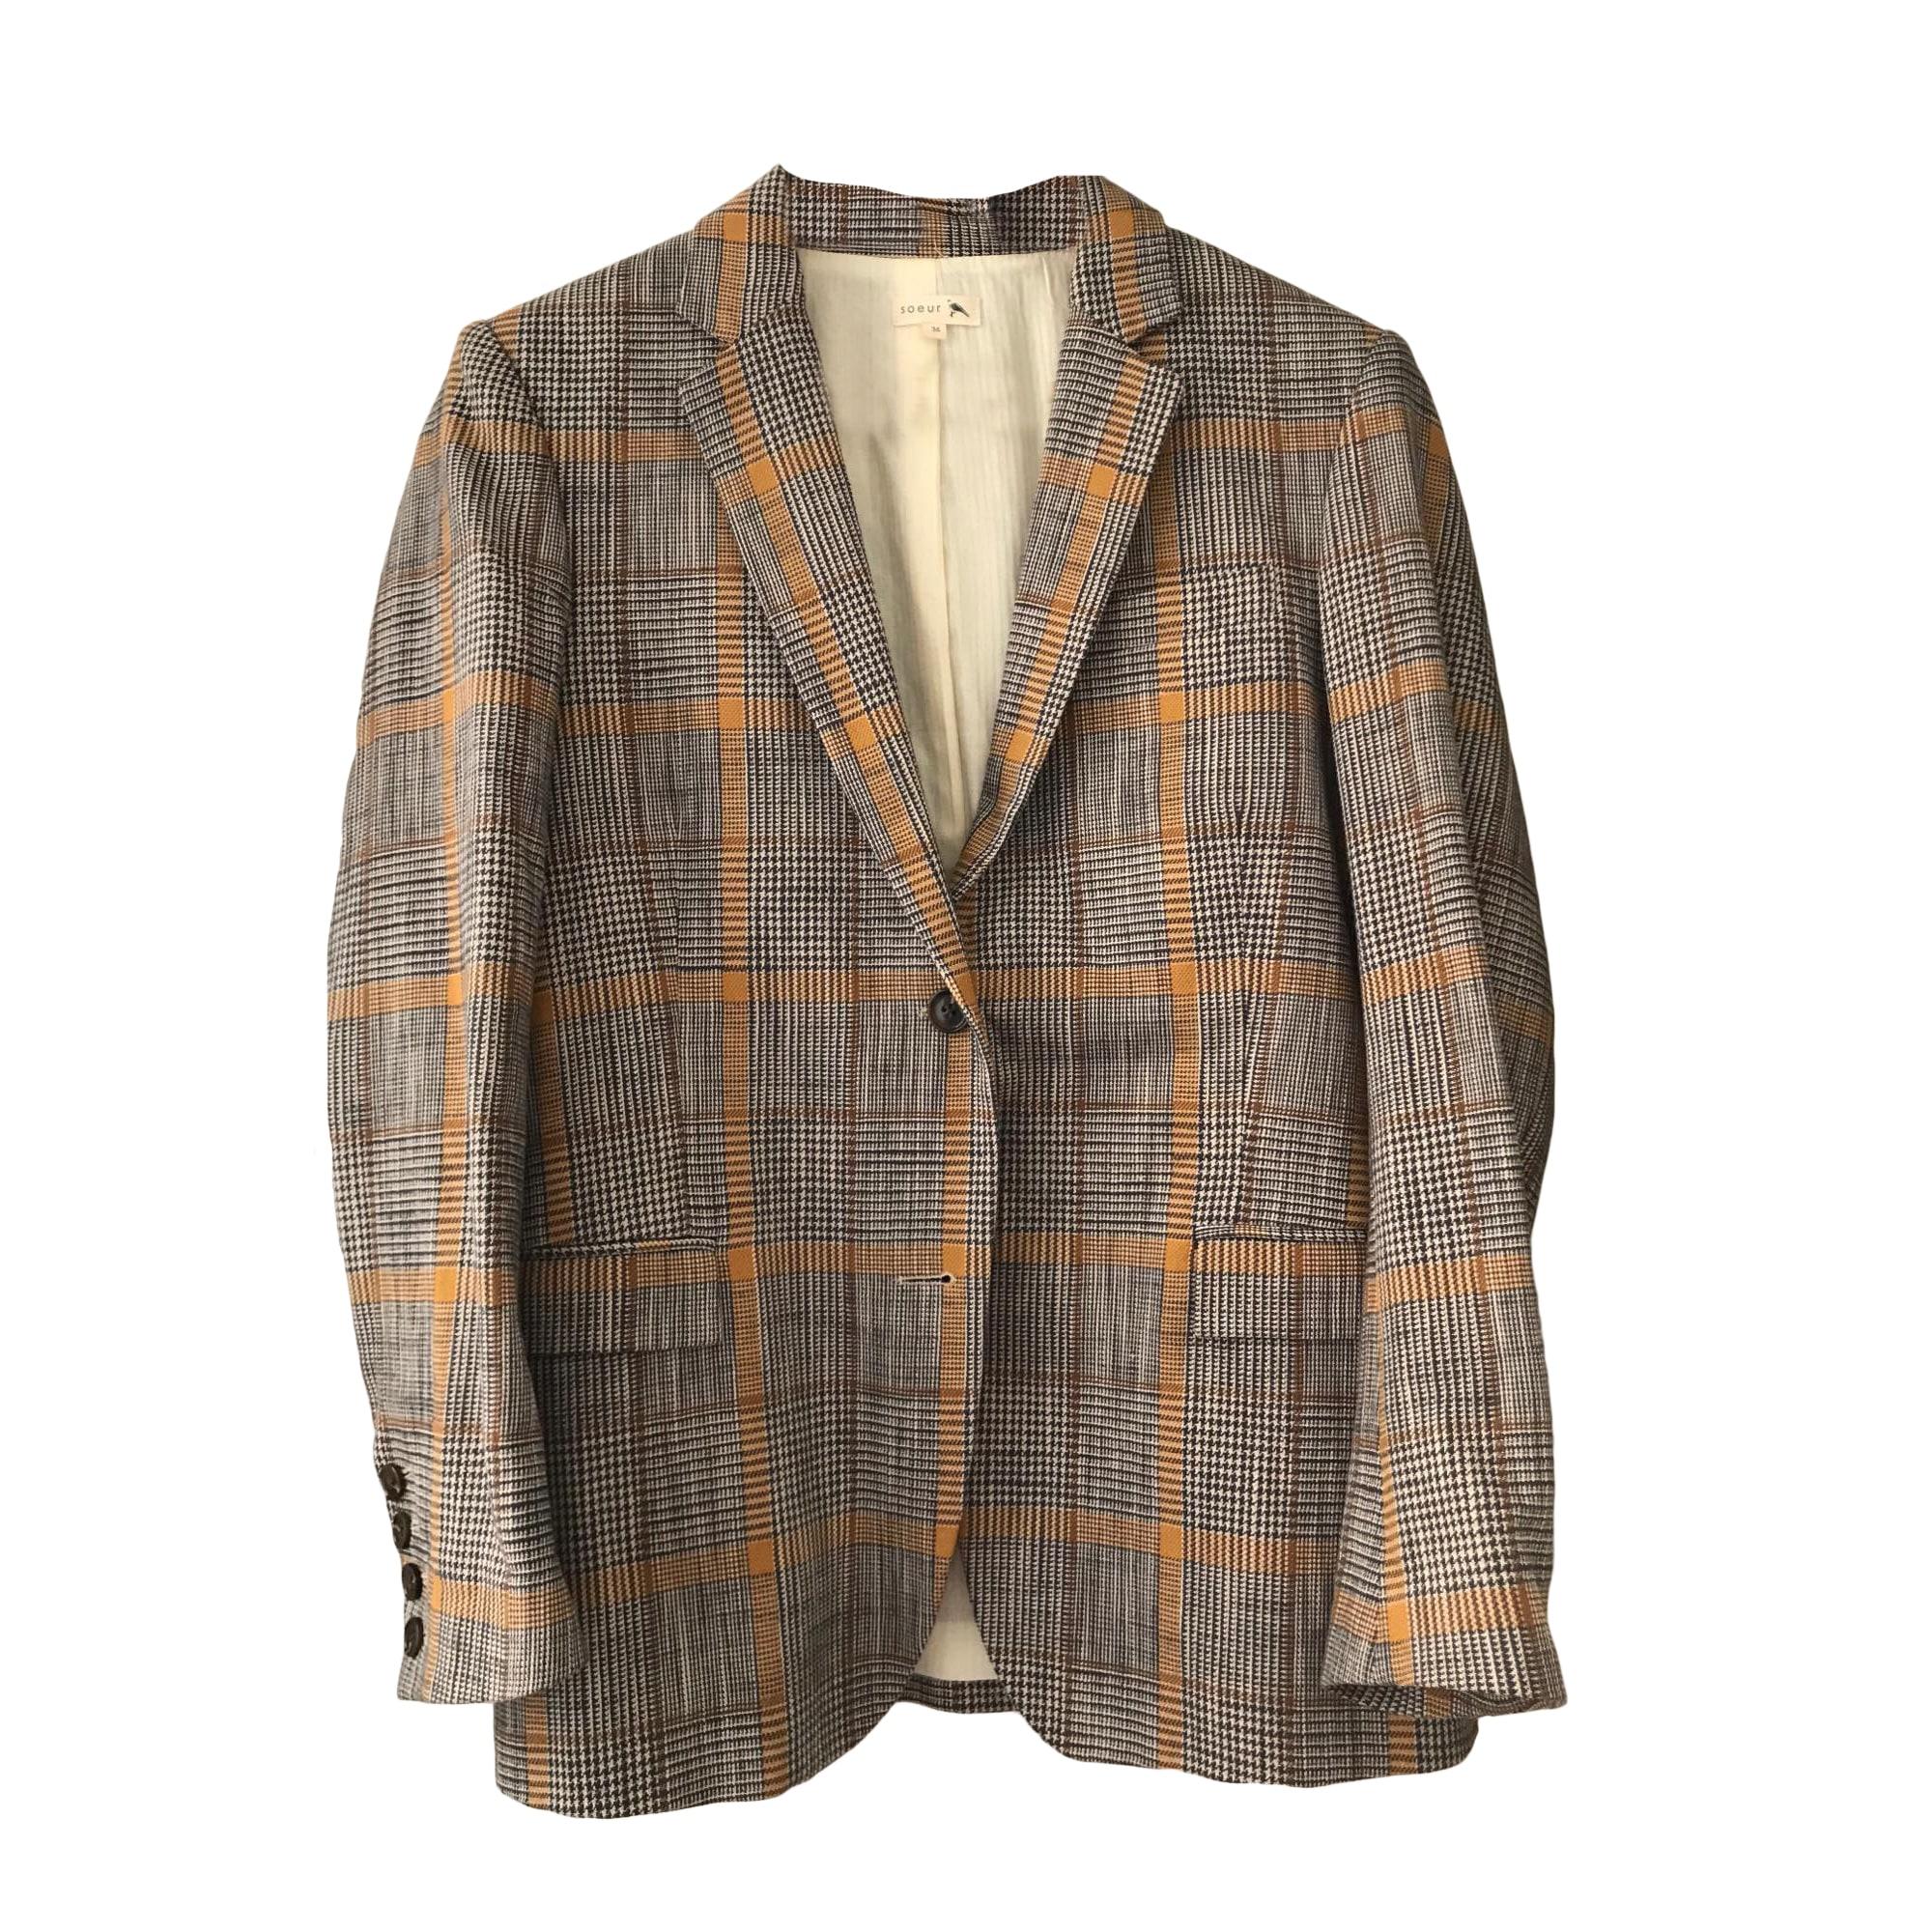 Blazer, veste tailleur SOEUR Gris, anthracite